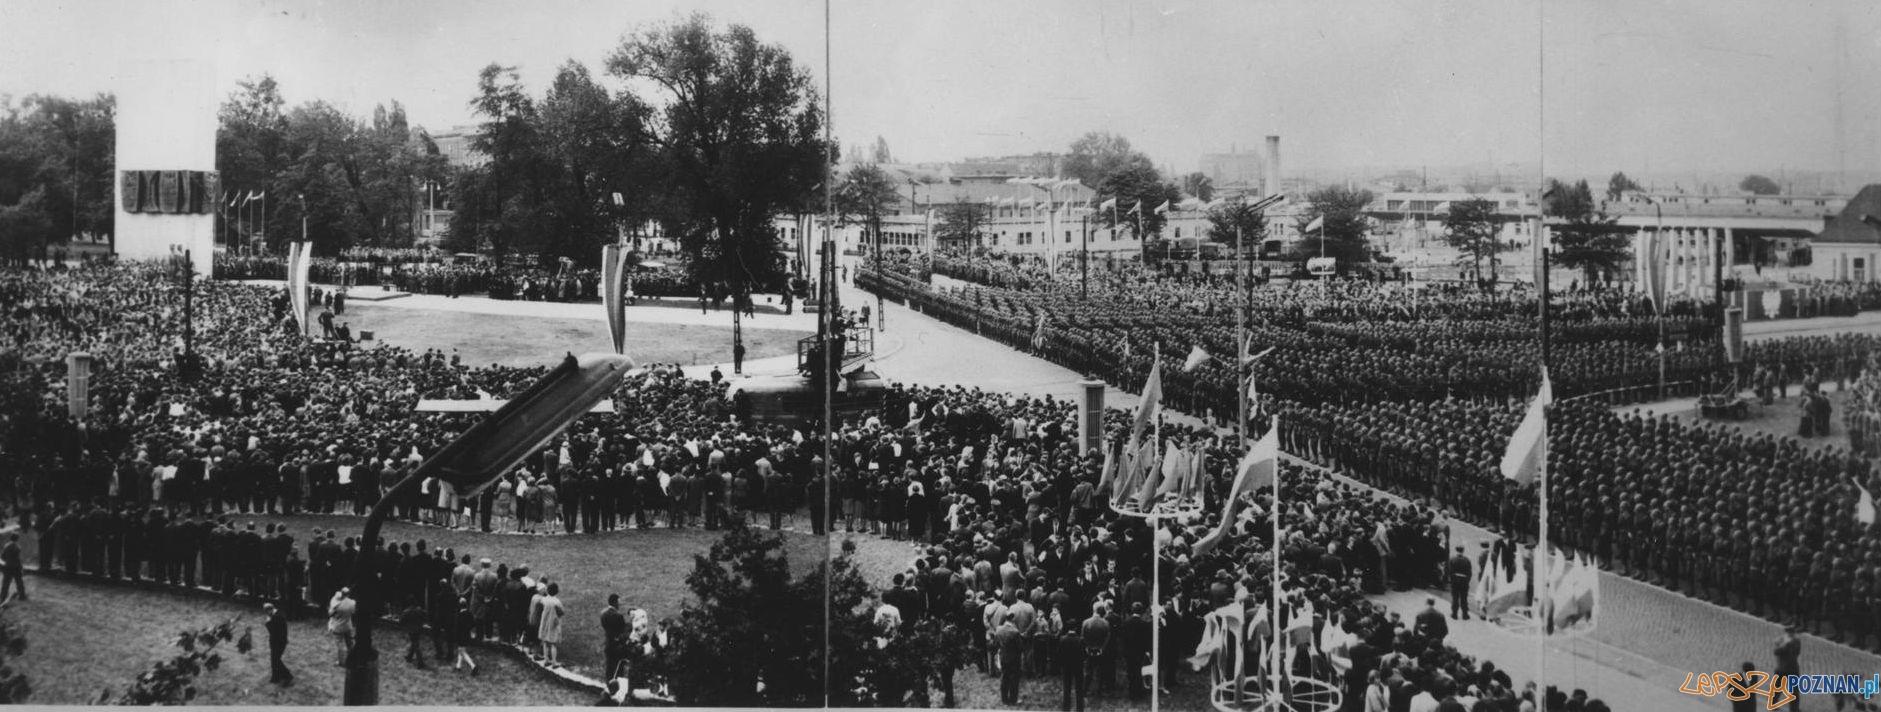 Odsłonięcie pomnika Powstańców Wielkopolskich - 19.09.1965